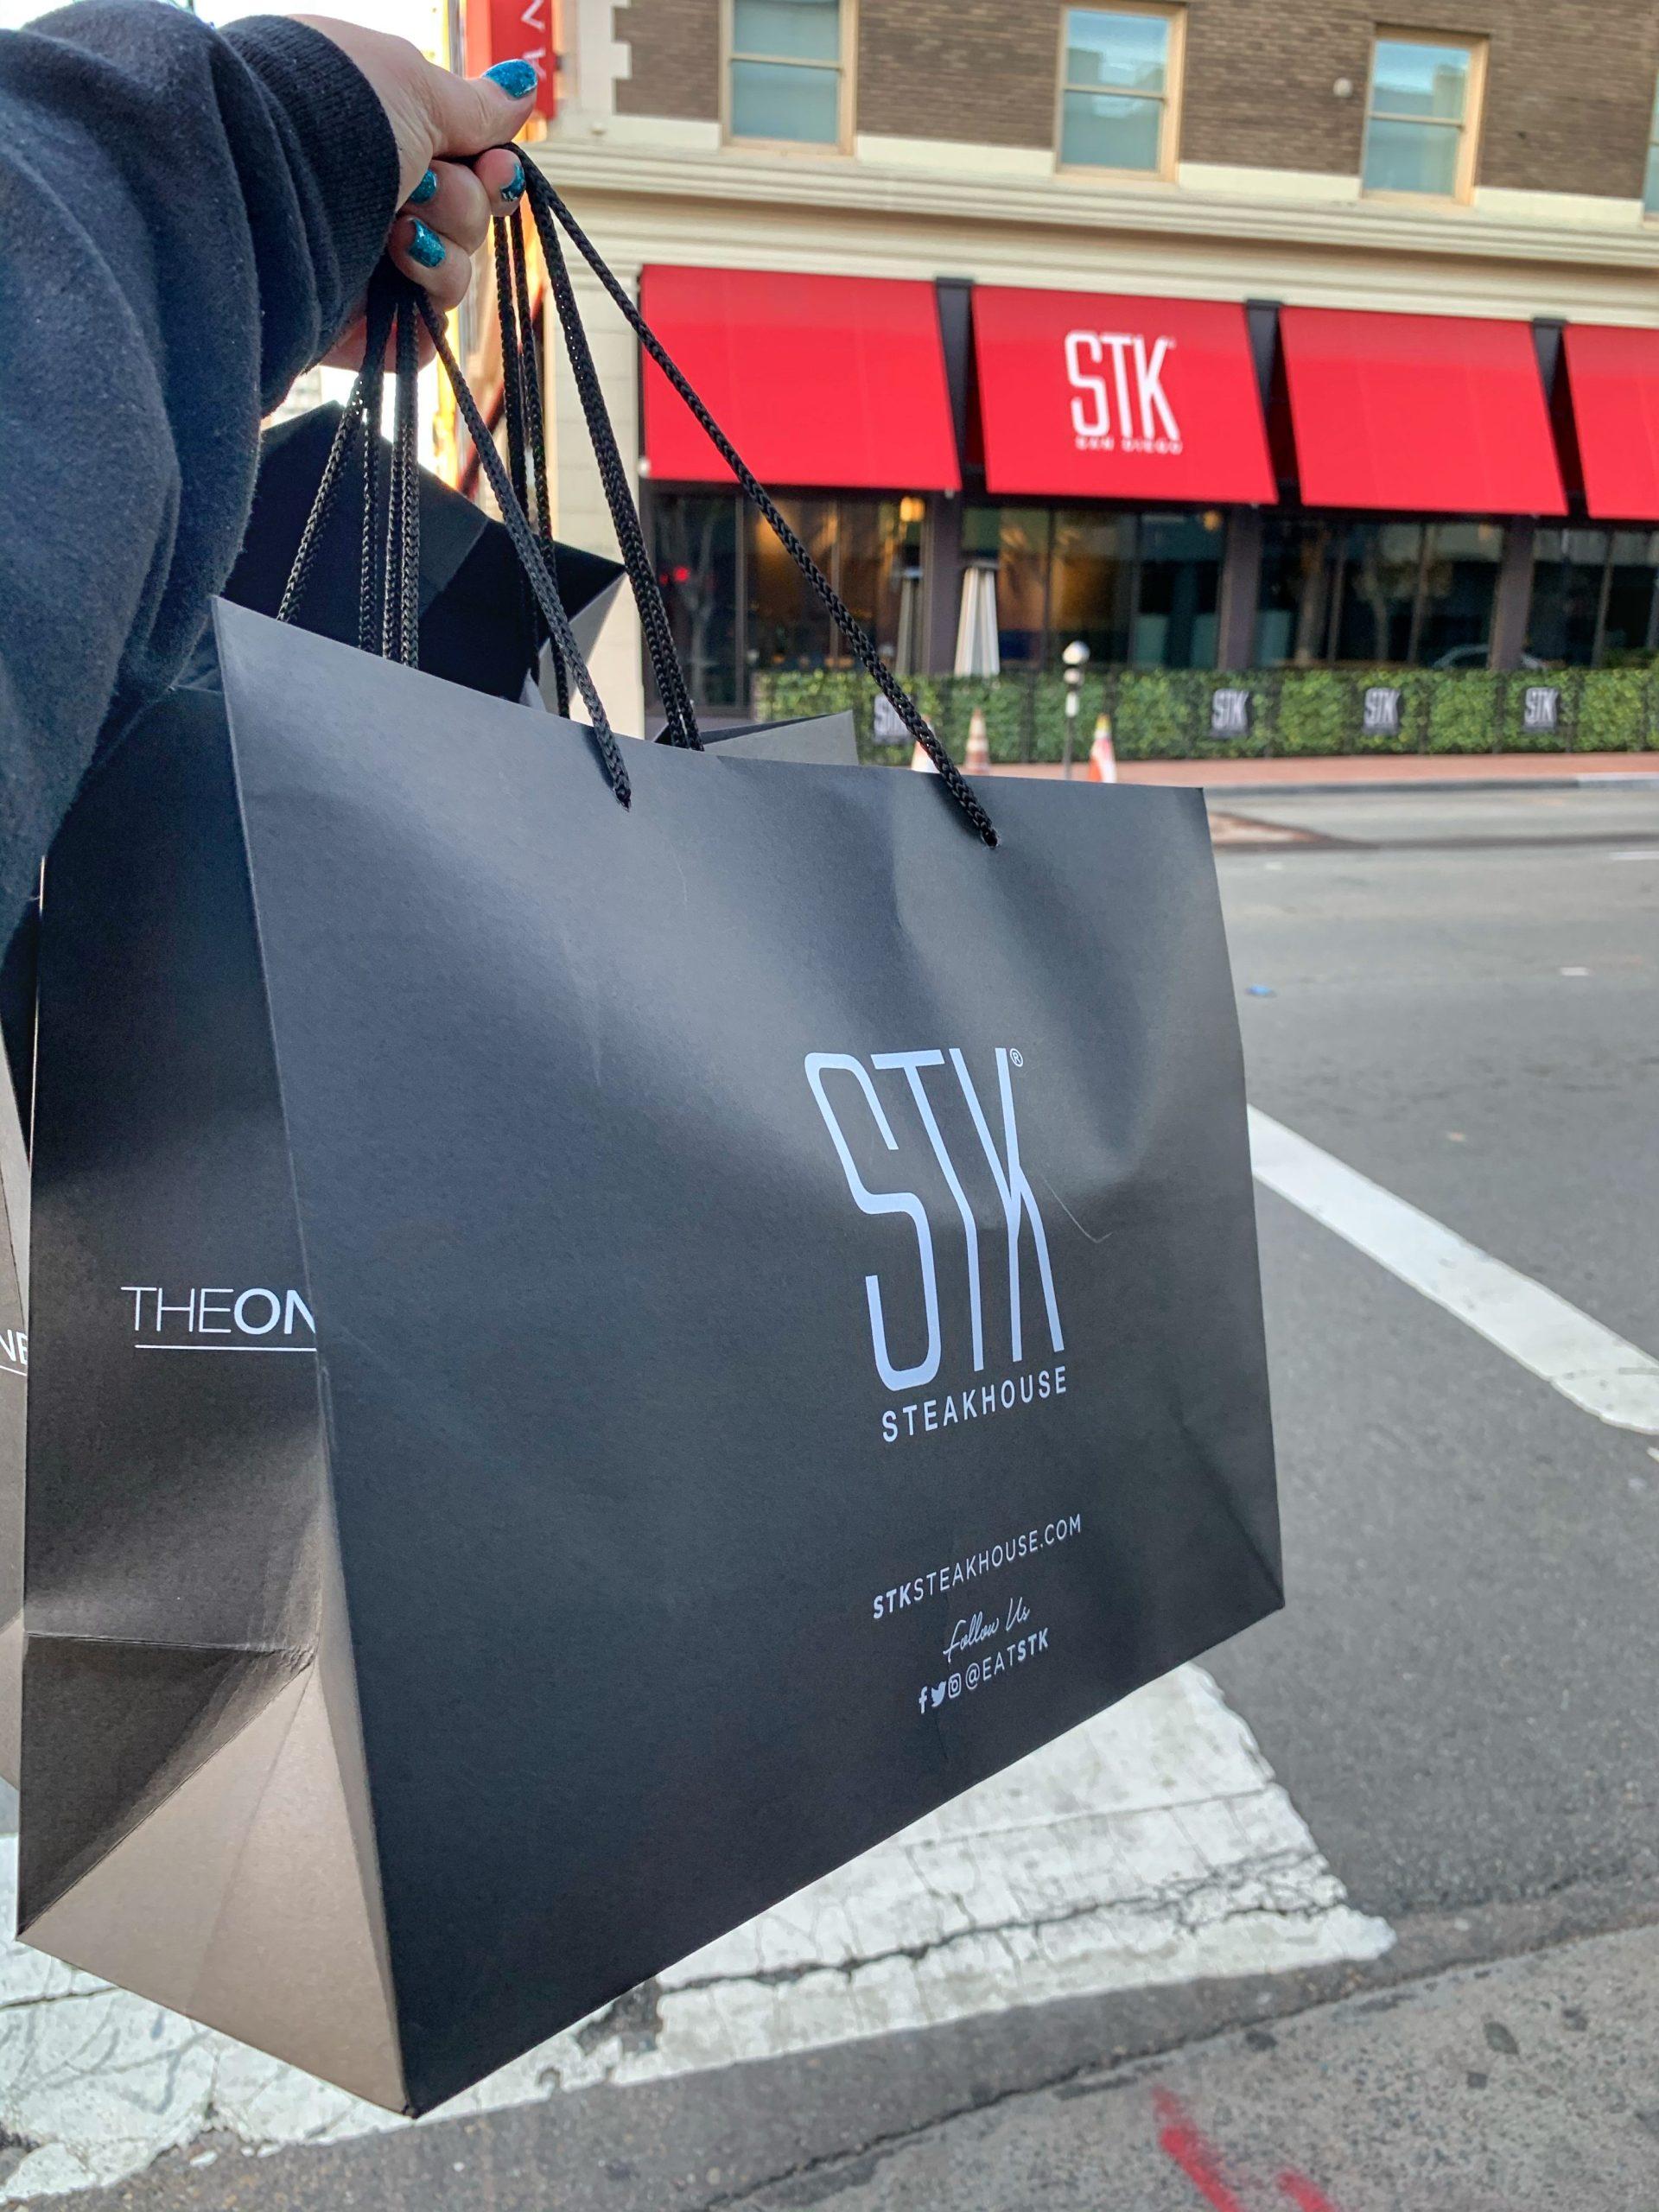 STK Takeout Bags